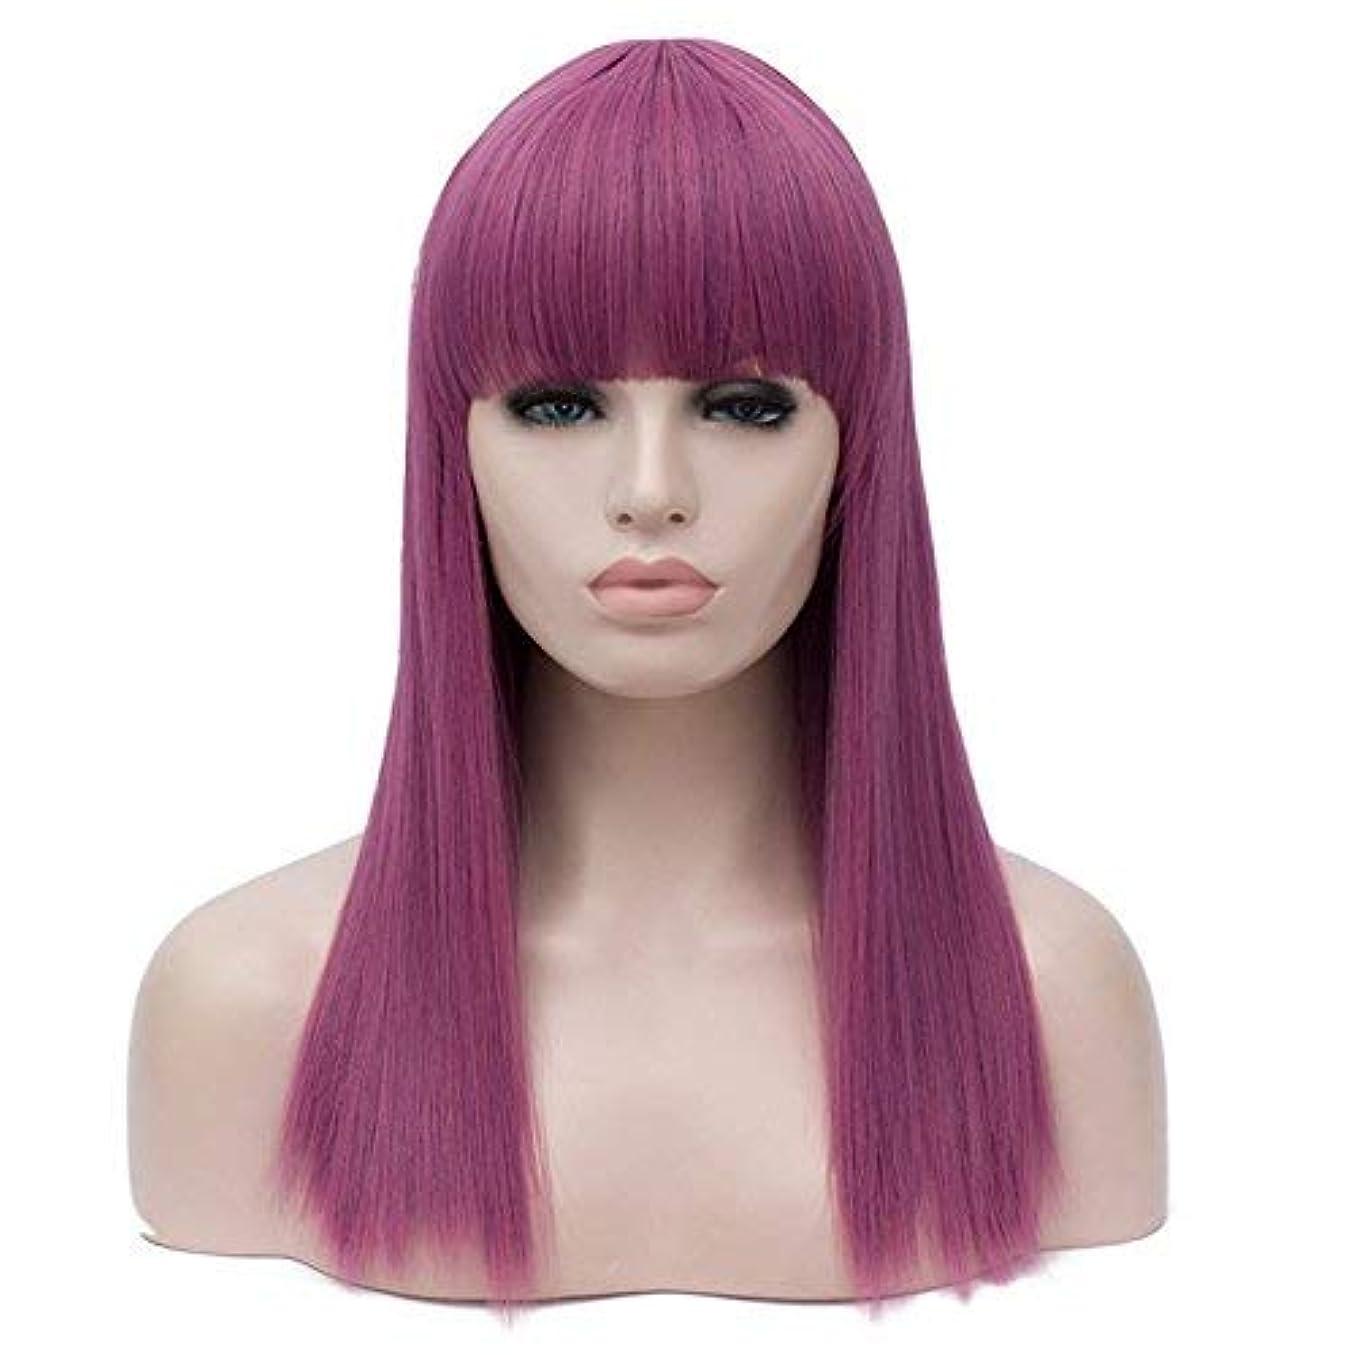 振りかける容疑者事件、出来事かつらかつら女性のための長いストレート合成髪レースフロントかつら高品質耐熱